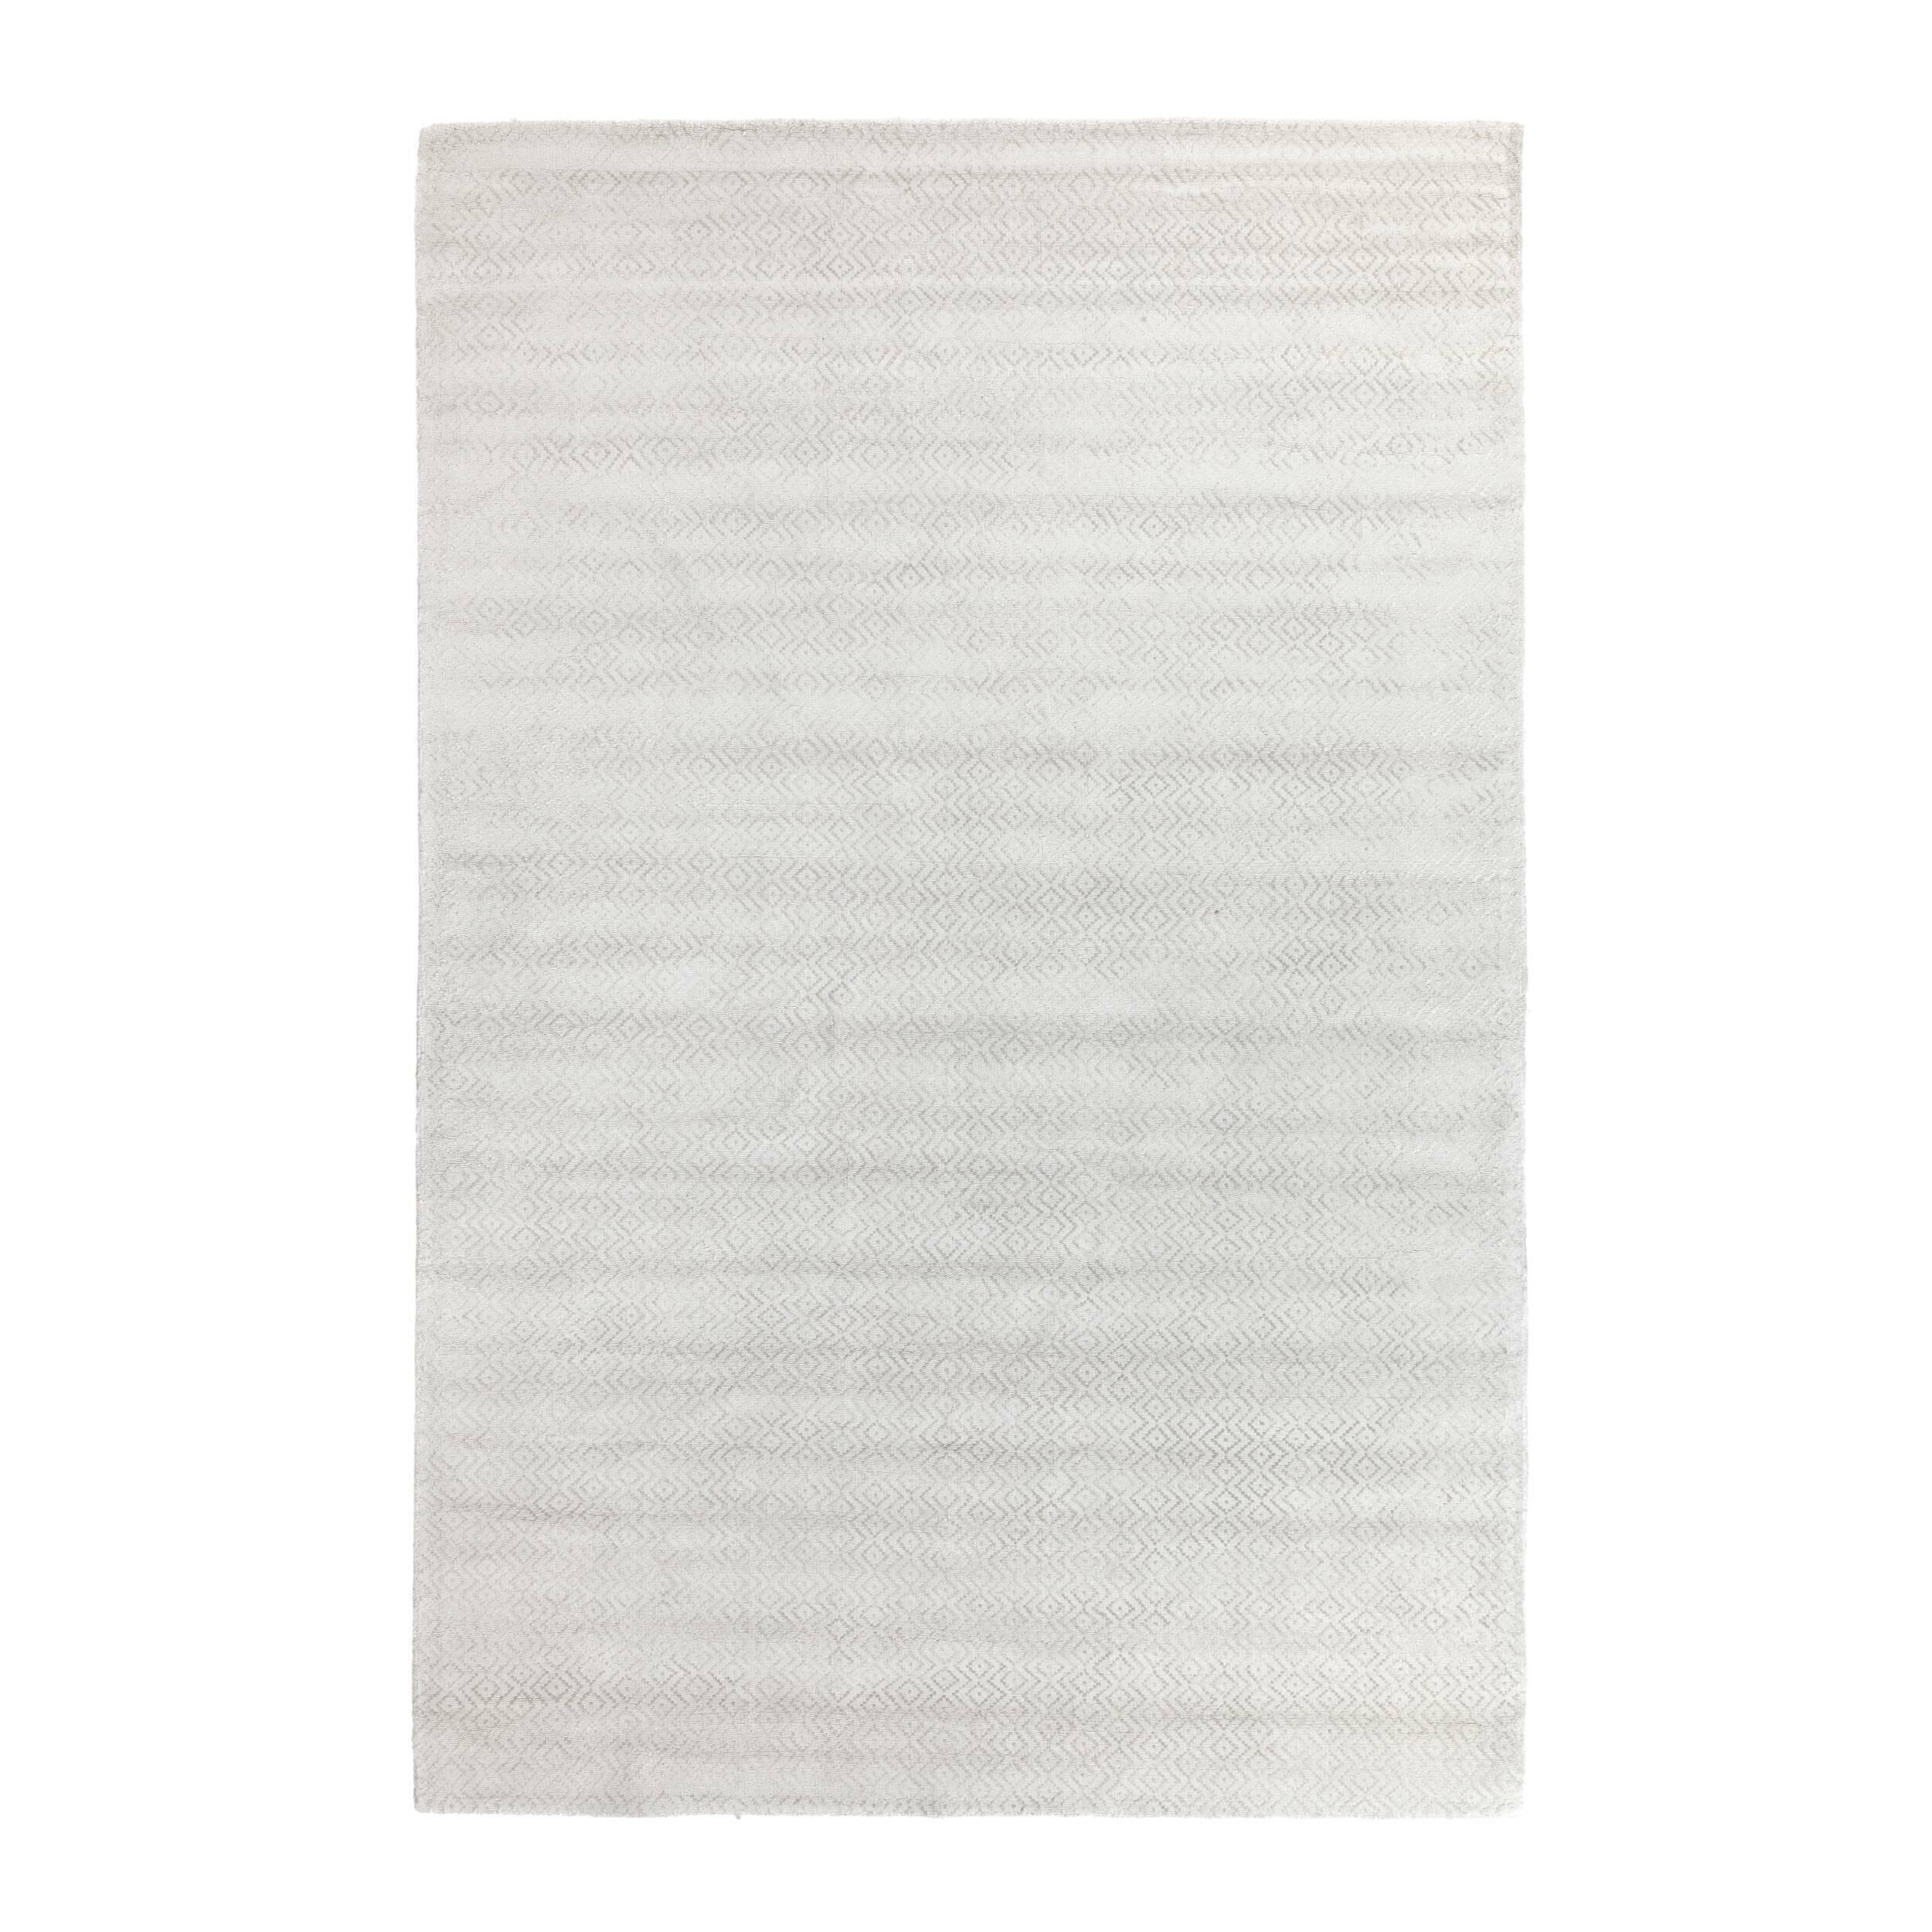 Ковер Requa Silver, 190x290